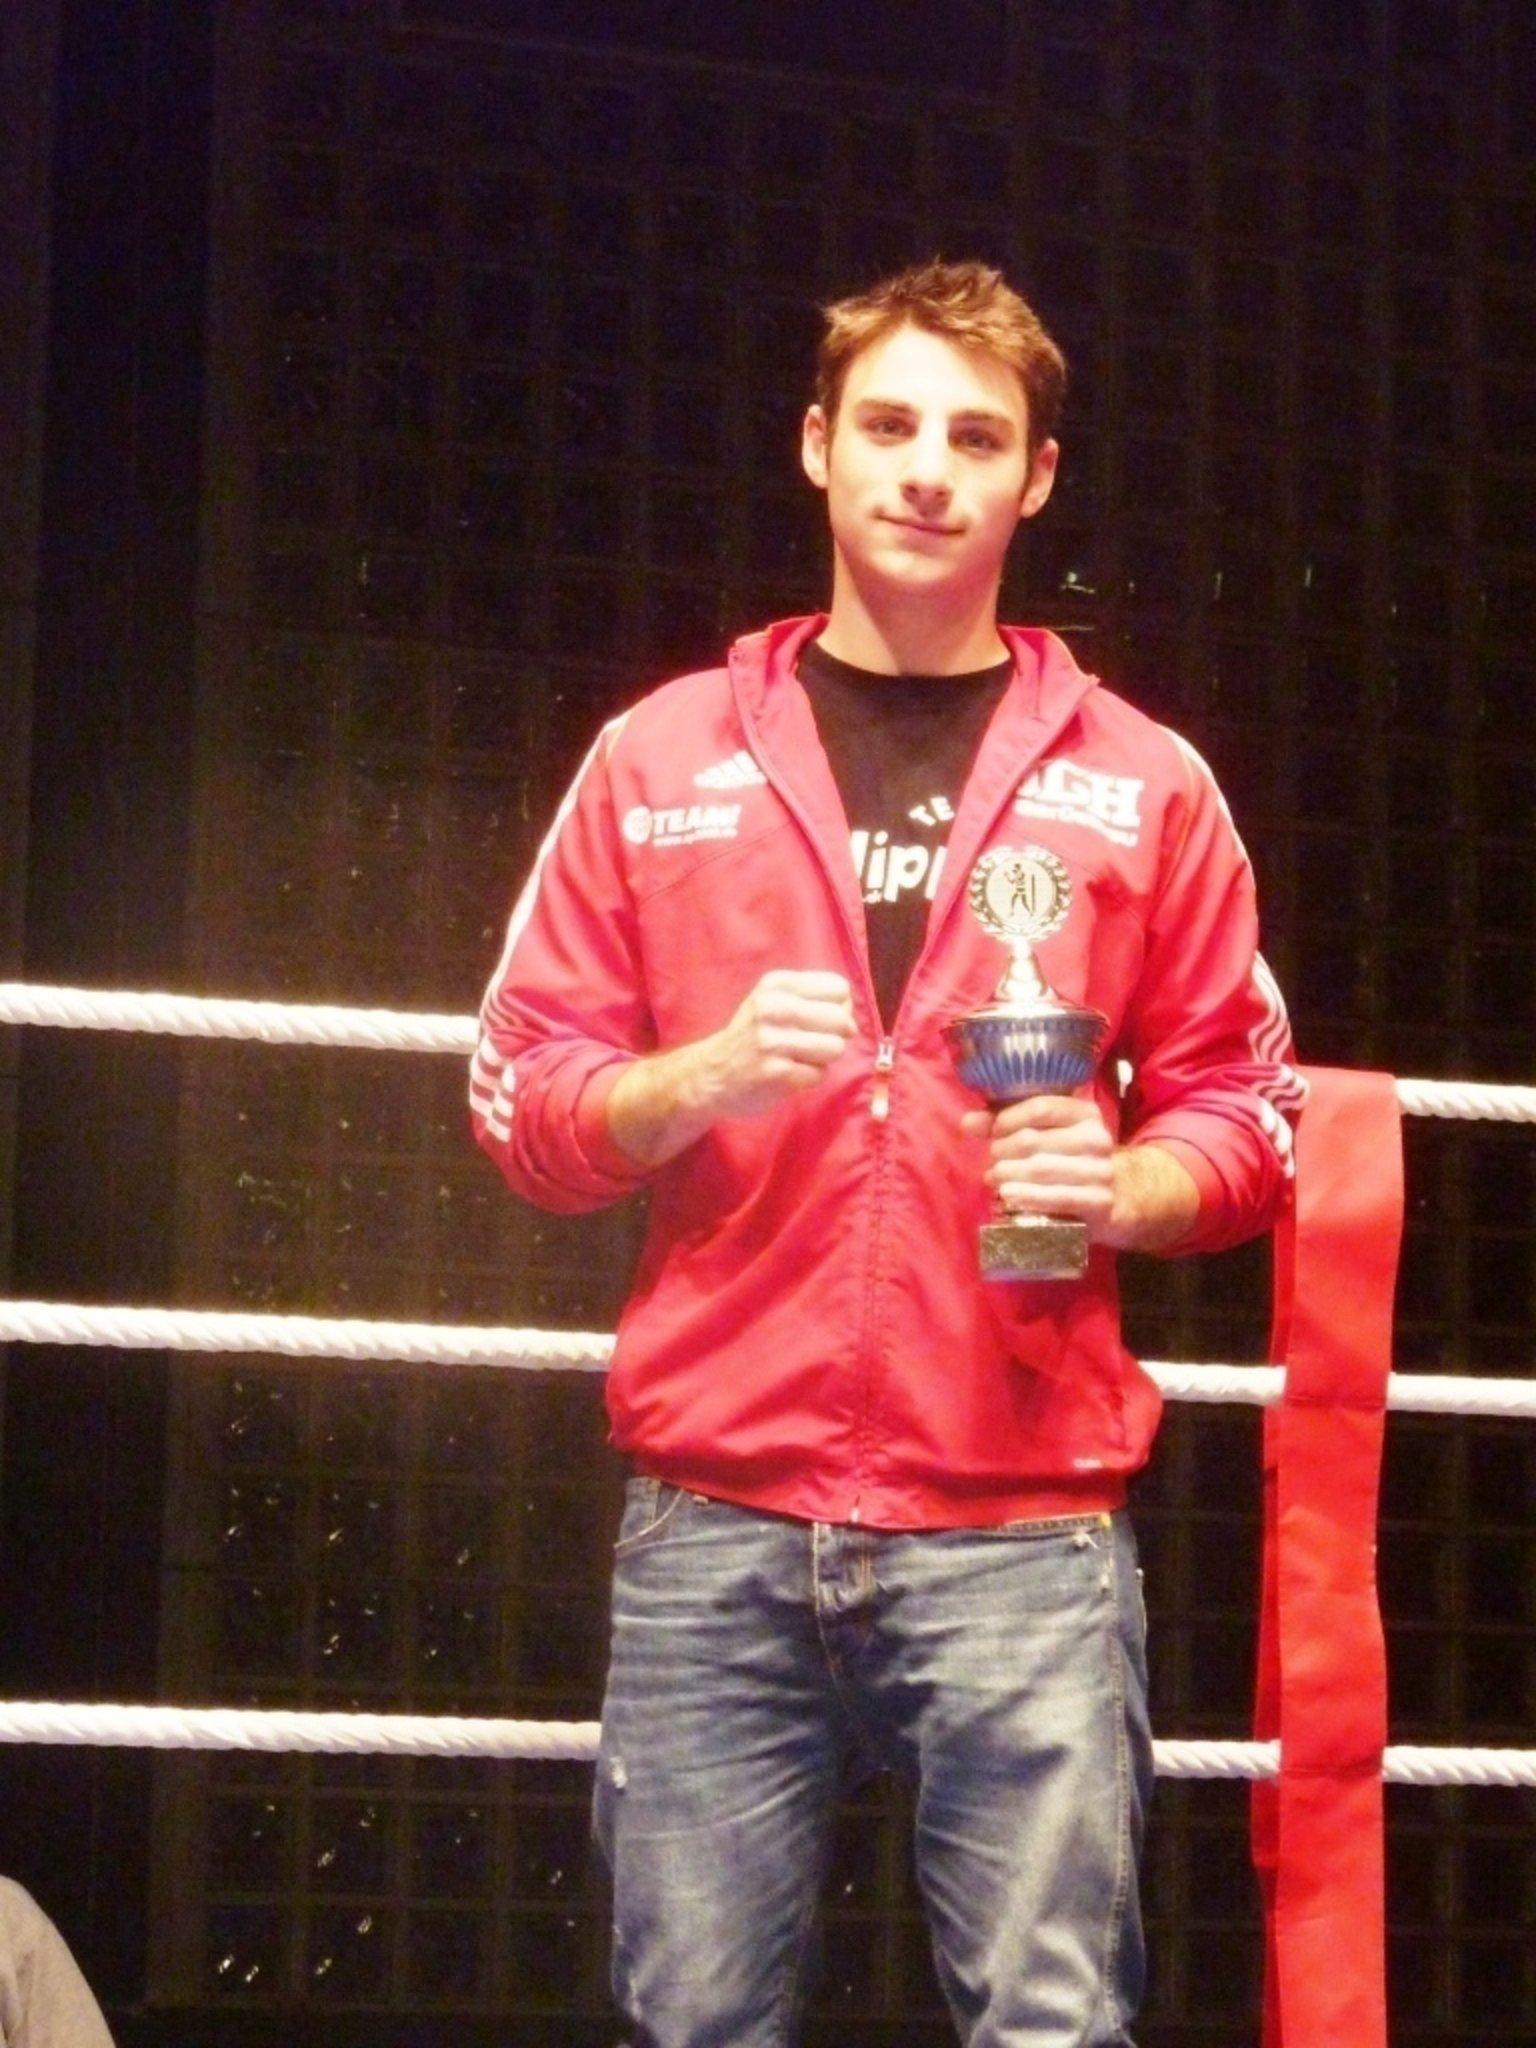 Boxen Zimmermann Siegt Eindeutig Und Erhält Den Pokal Des Besten